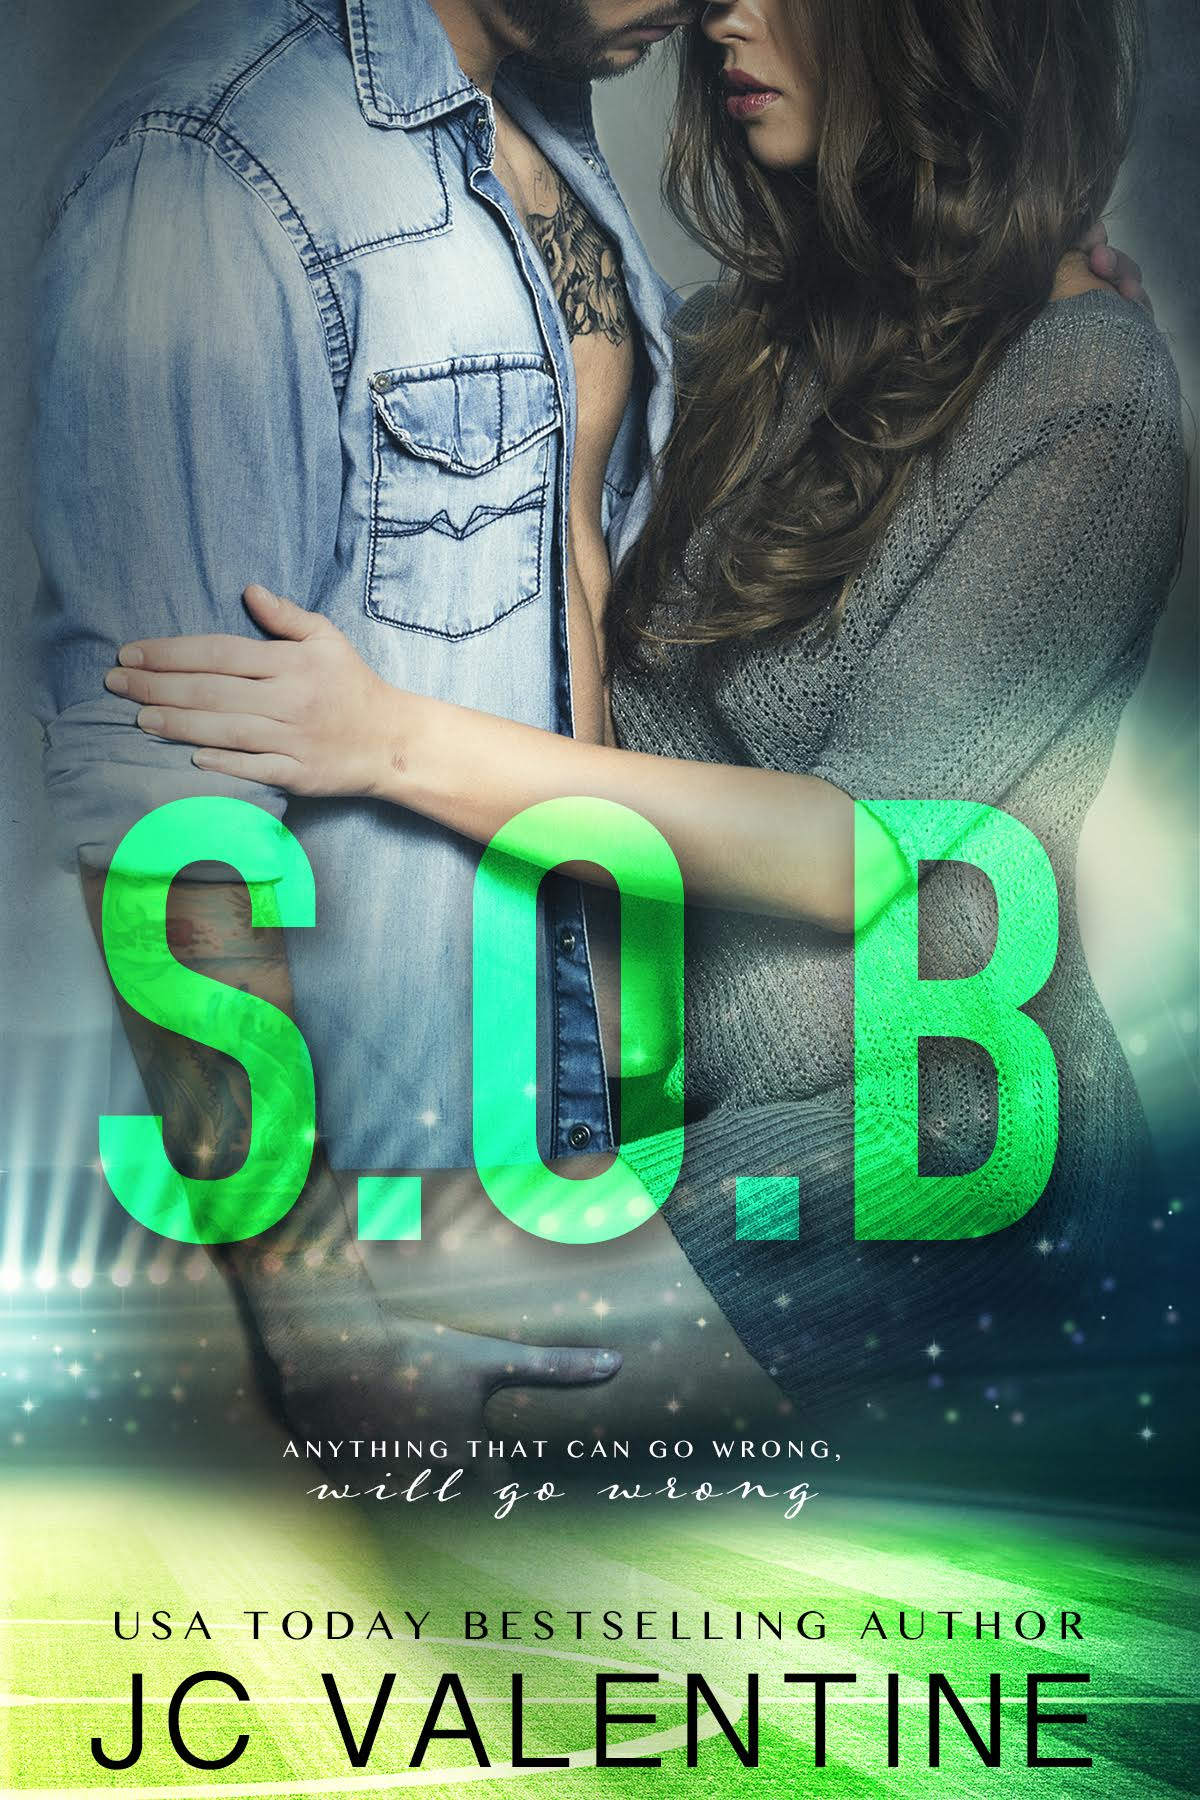 SOB Cover